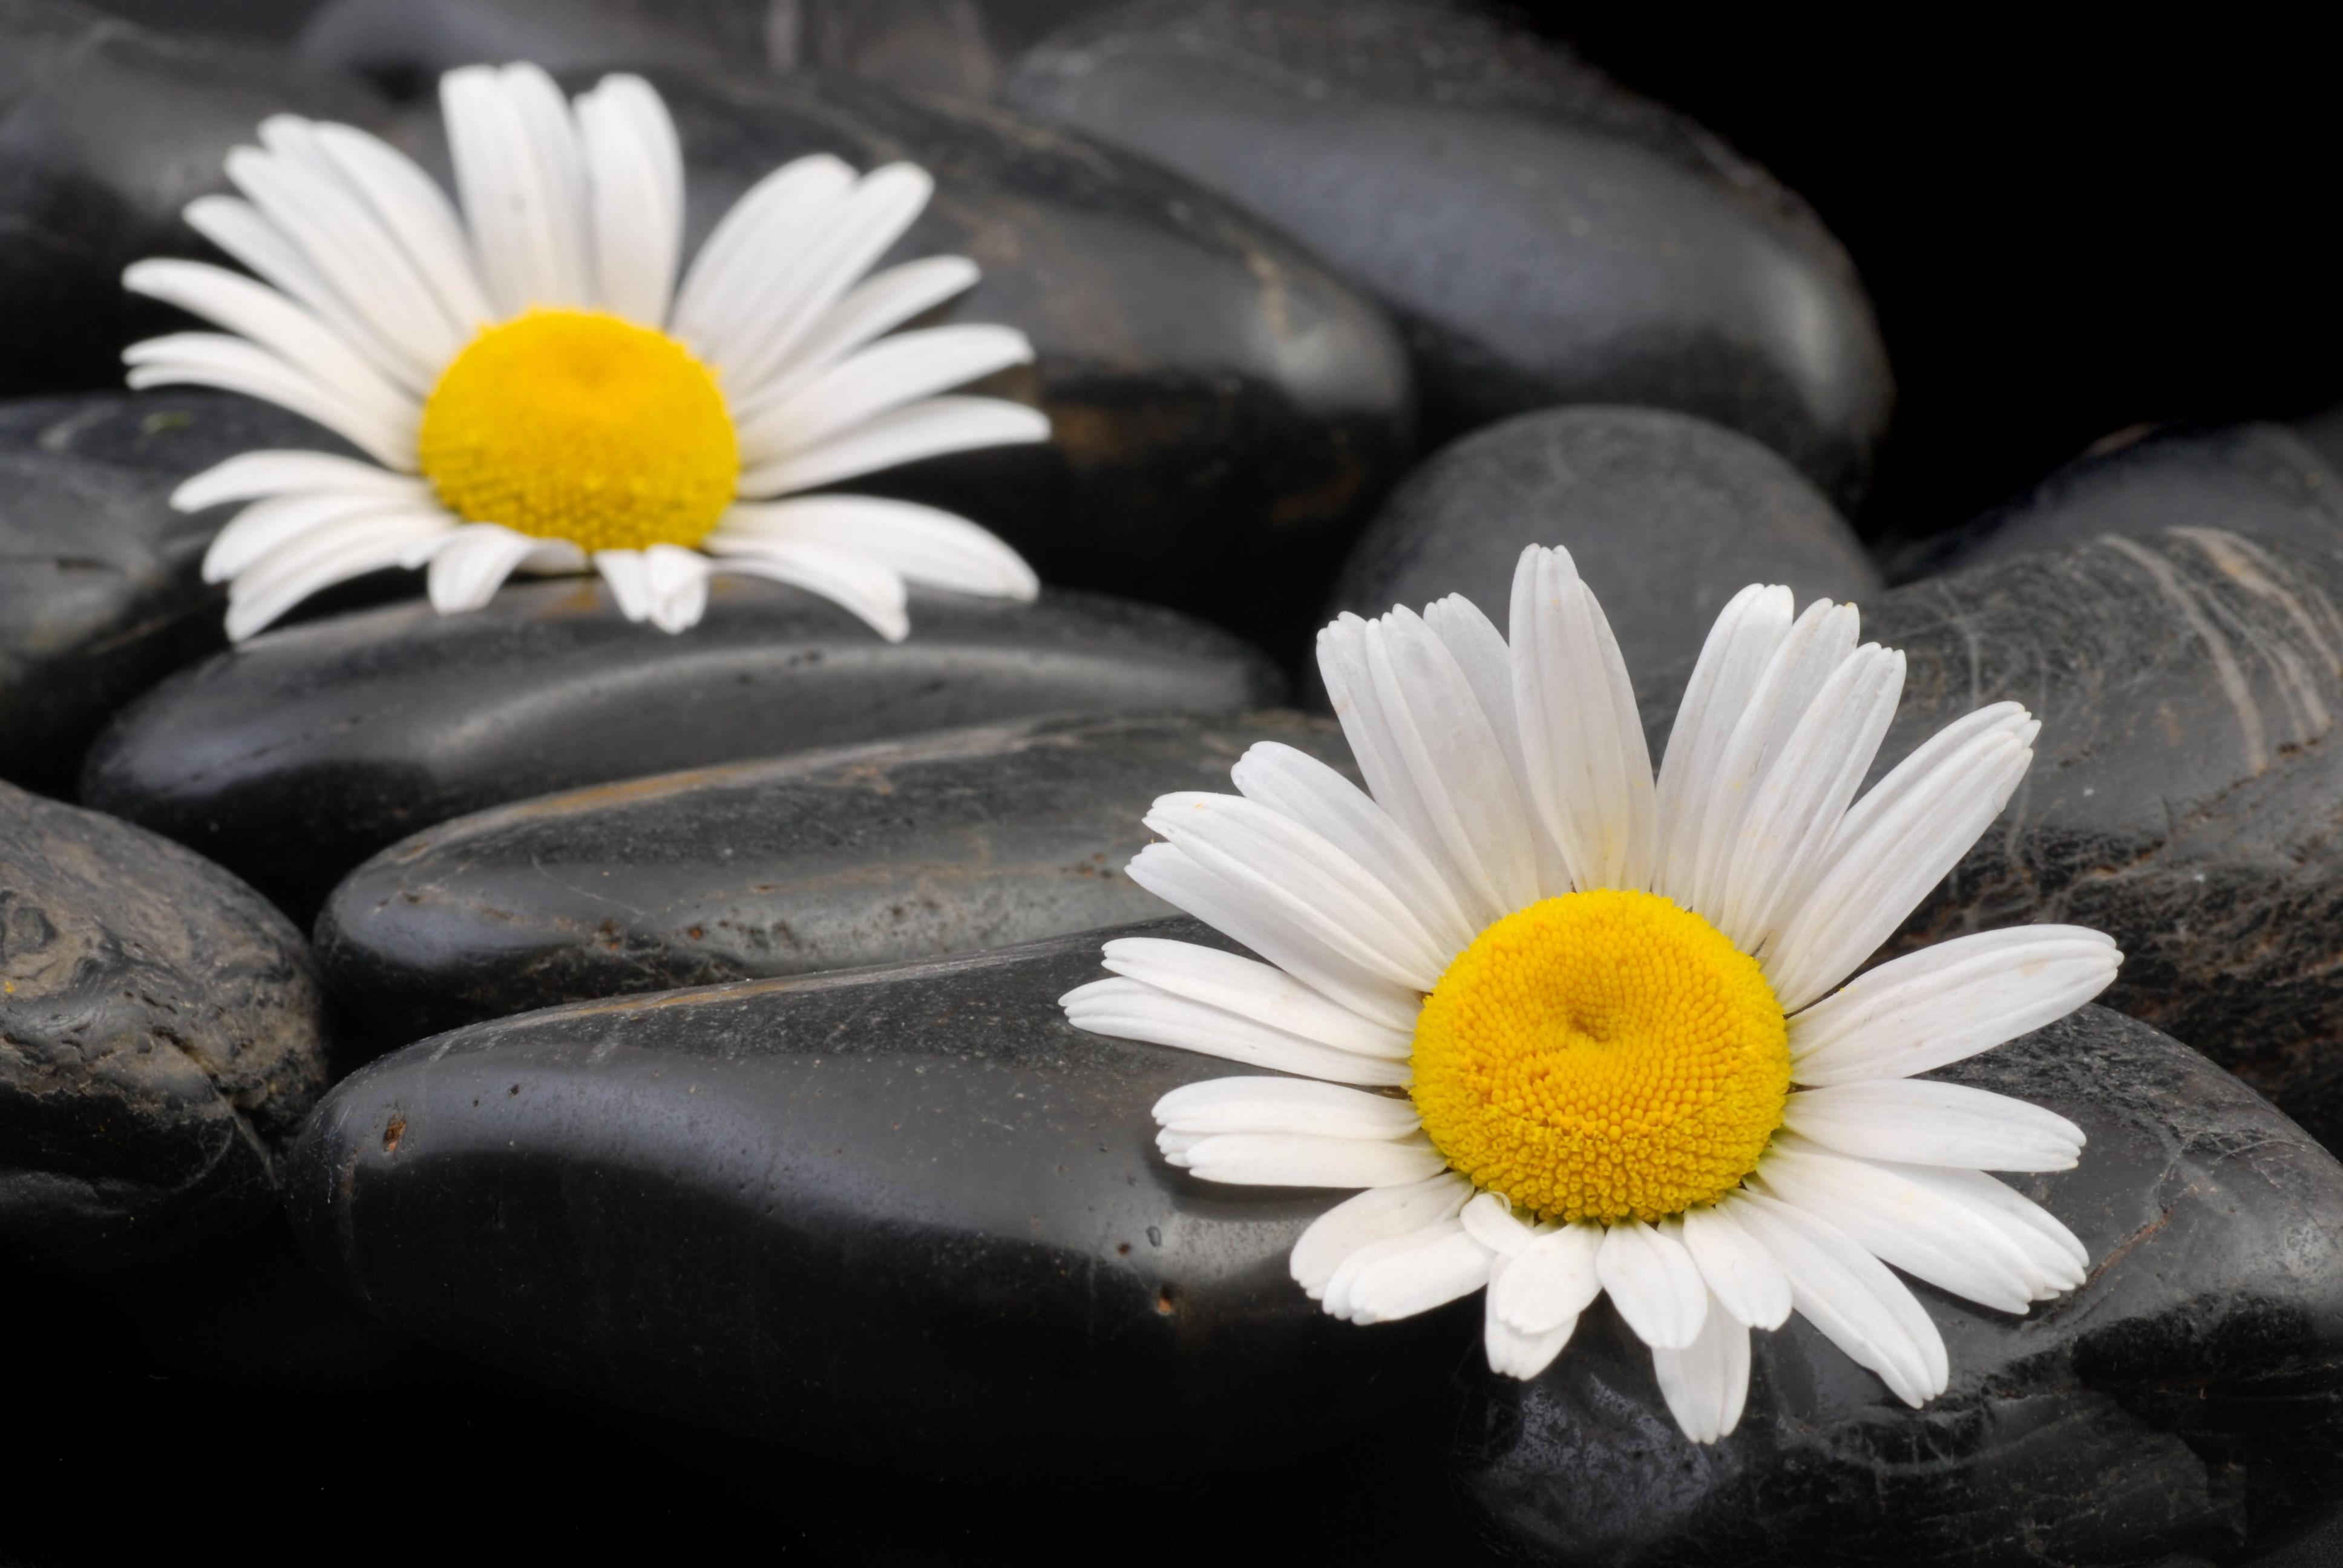 ромашки растут среди камней, скачать фото, обои для рабочего стола